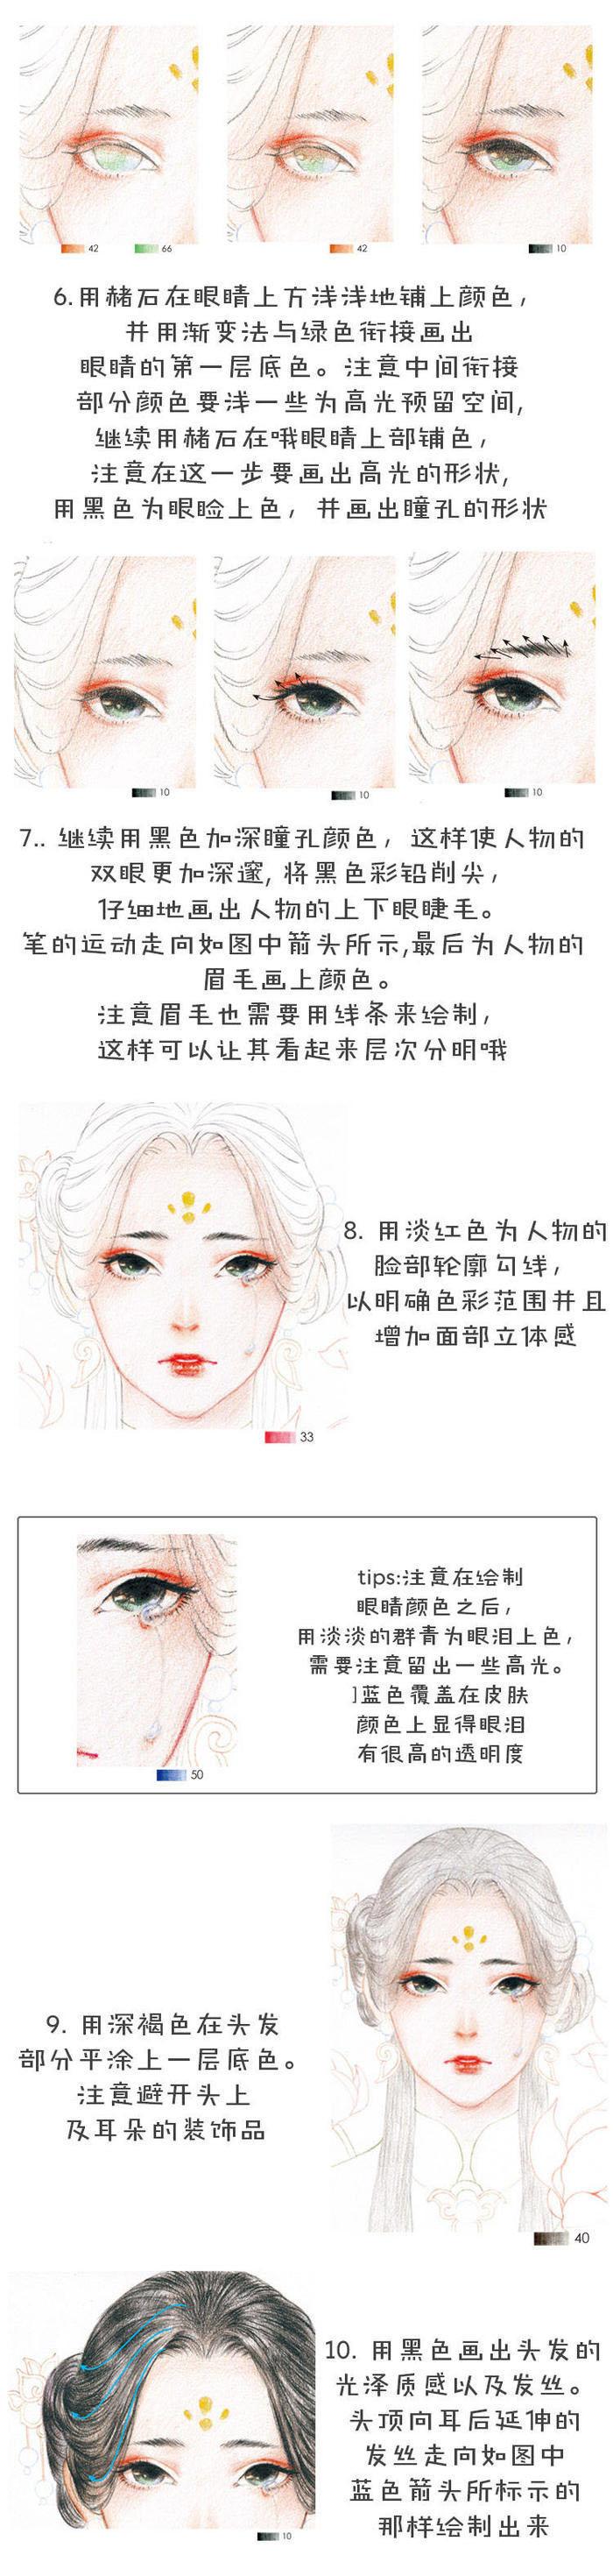 詳細解析古風女子圖文手繪插畫實作課程教學